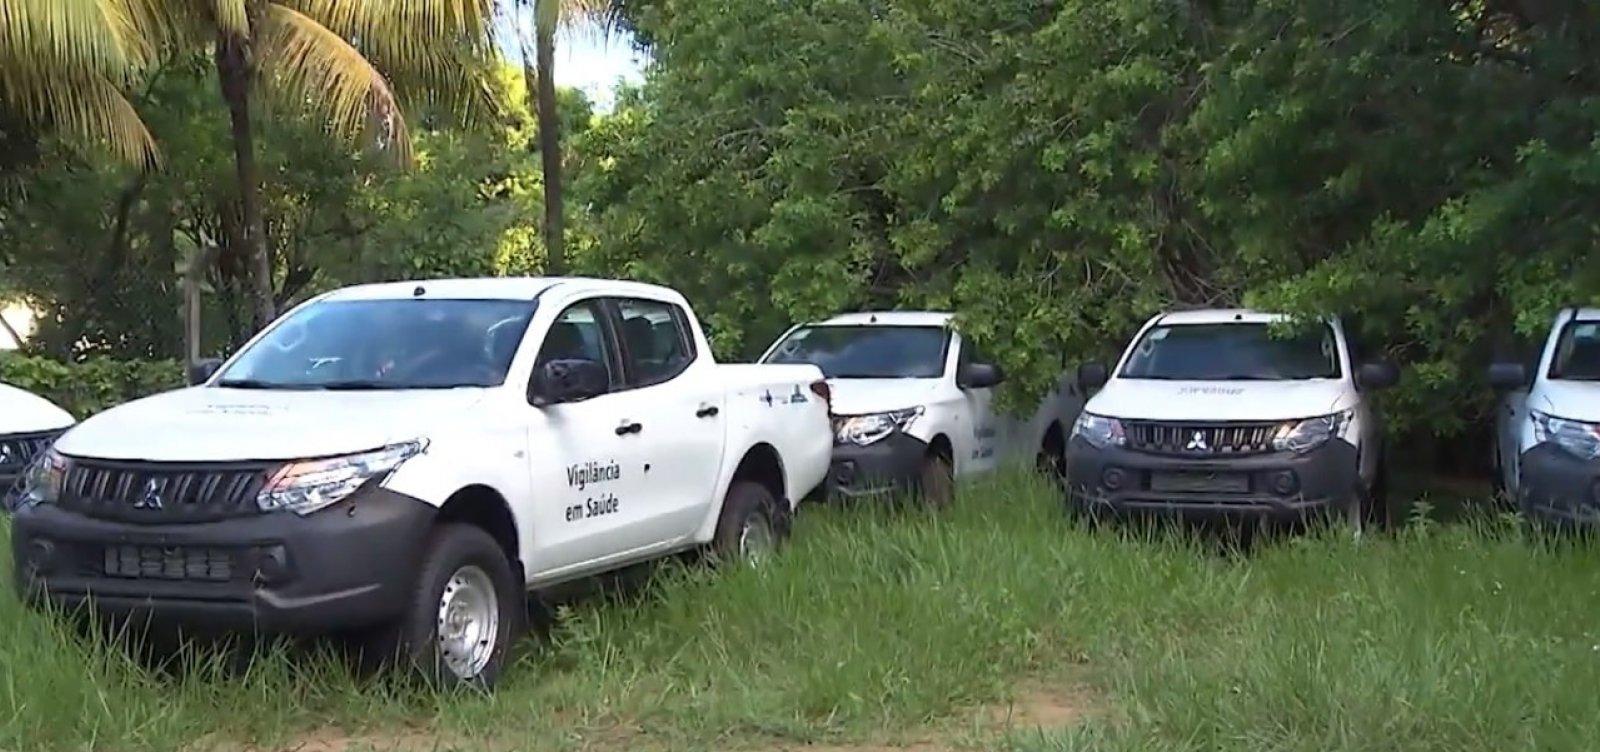 Caminhonetes novas de combate à dengue estão paradas há 4 meses no CAB, em Salvador